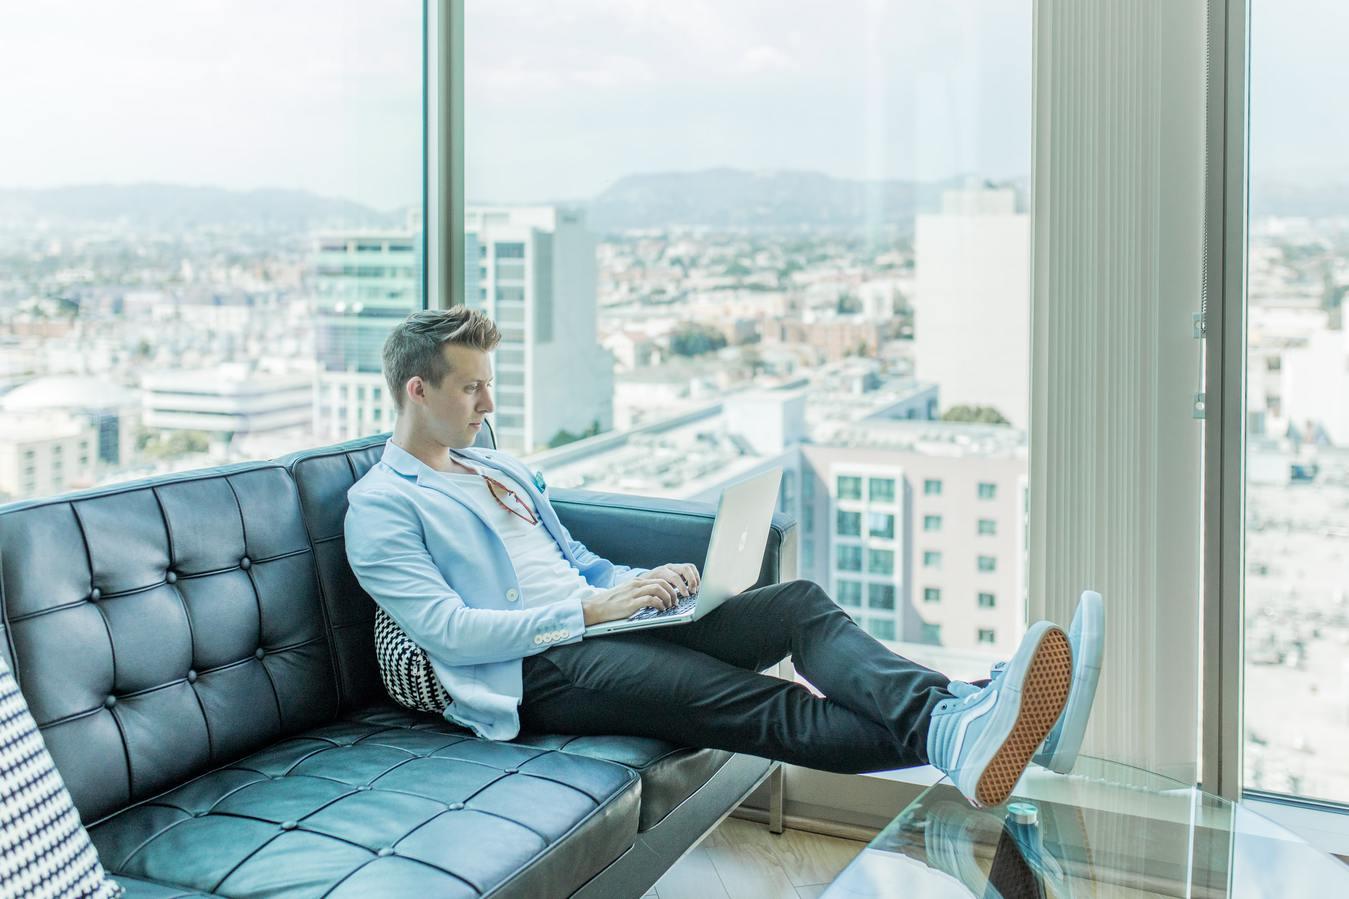 Man werkt op laptop op bank, stad op achtergrond